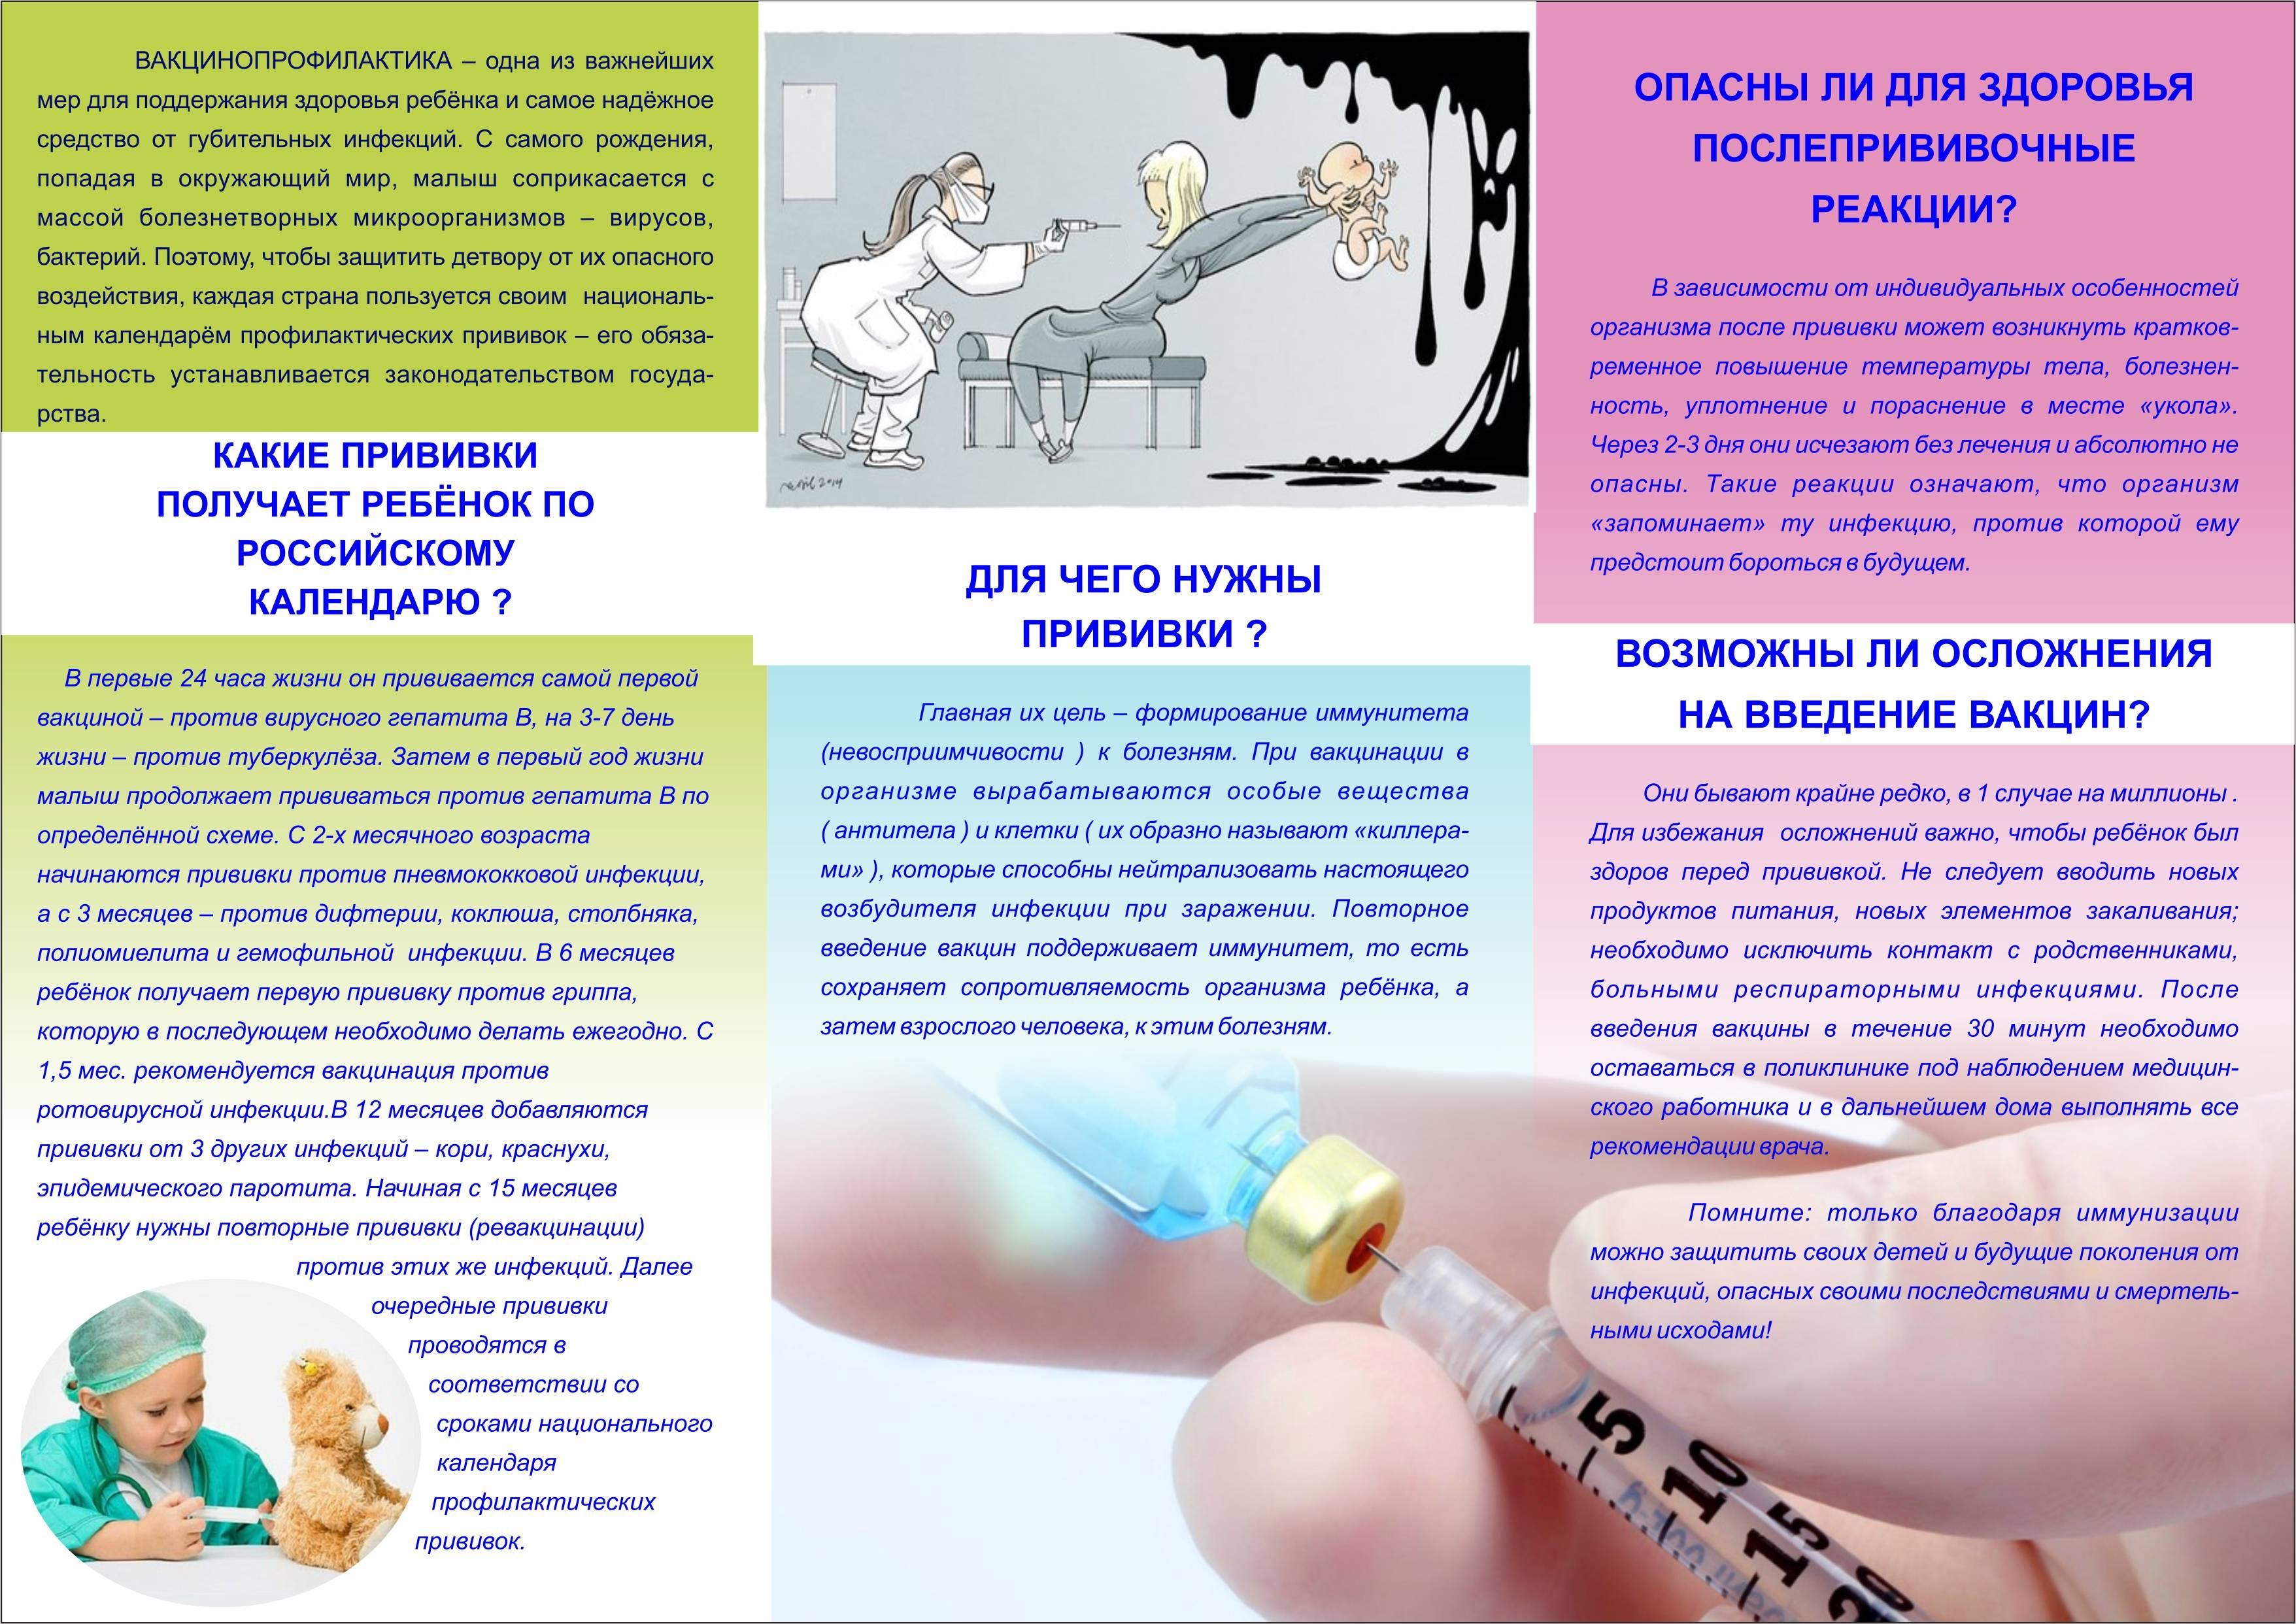 Как организована вакцинация в Испании